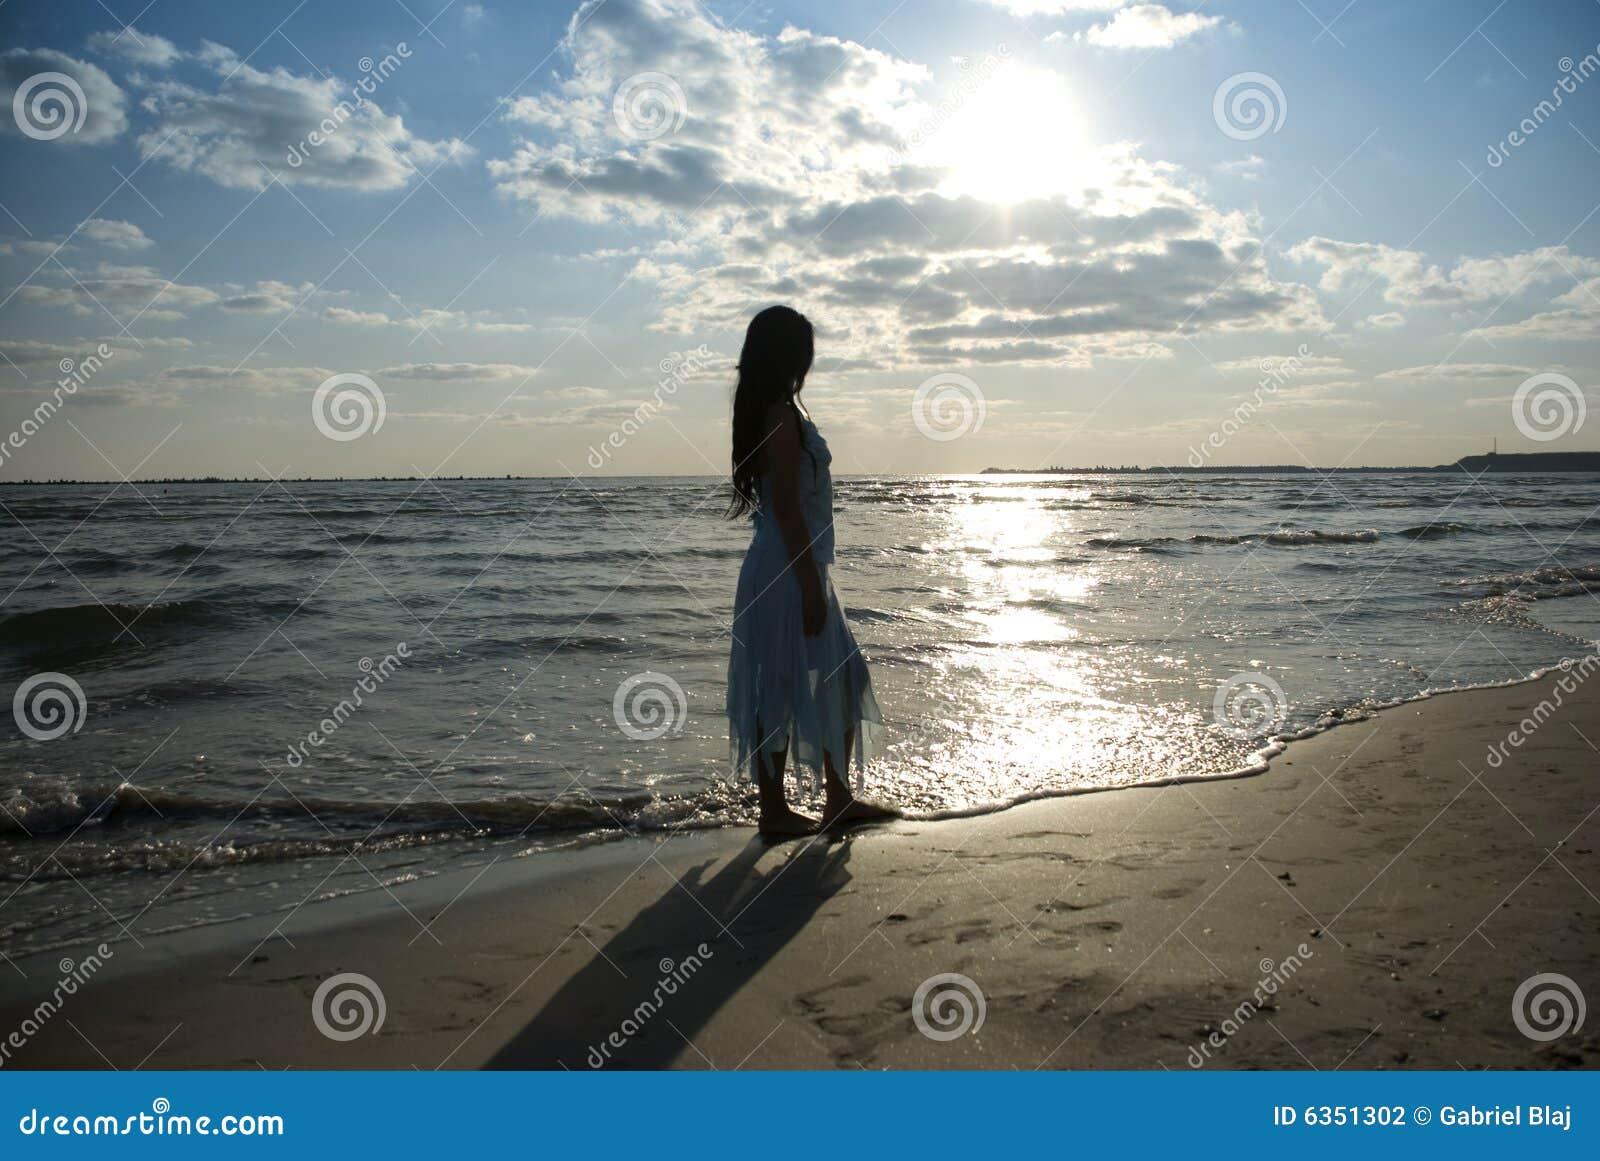 mira sunset videos